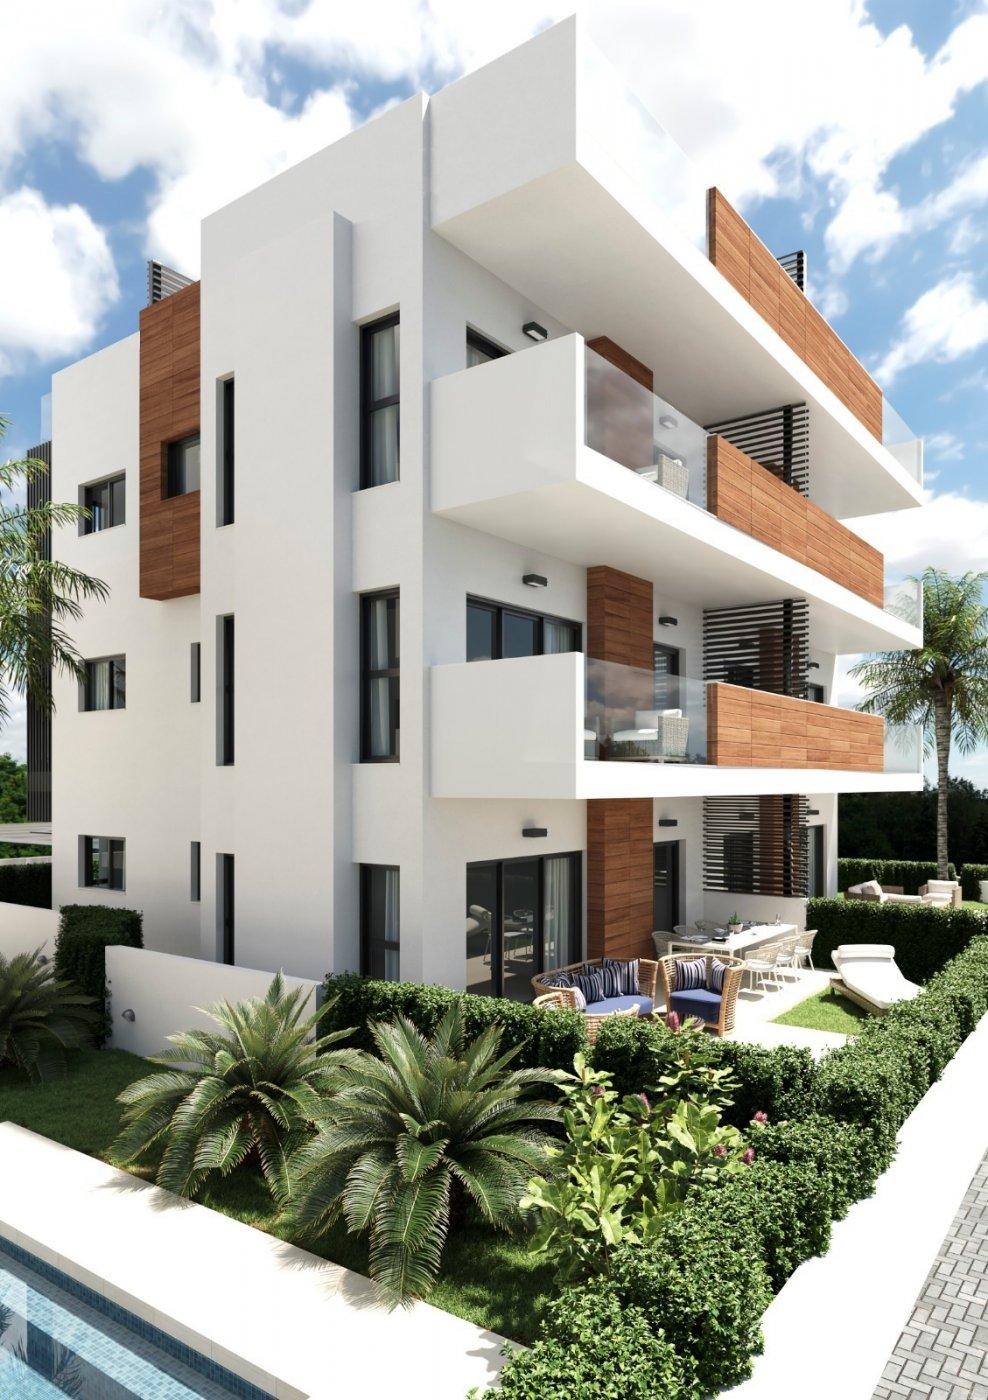 Nuevo residencial en san javier!!! - imagenInmueble2